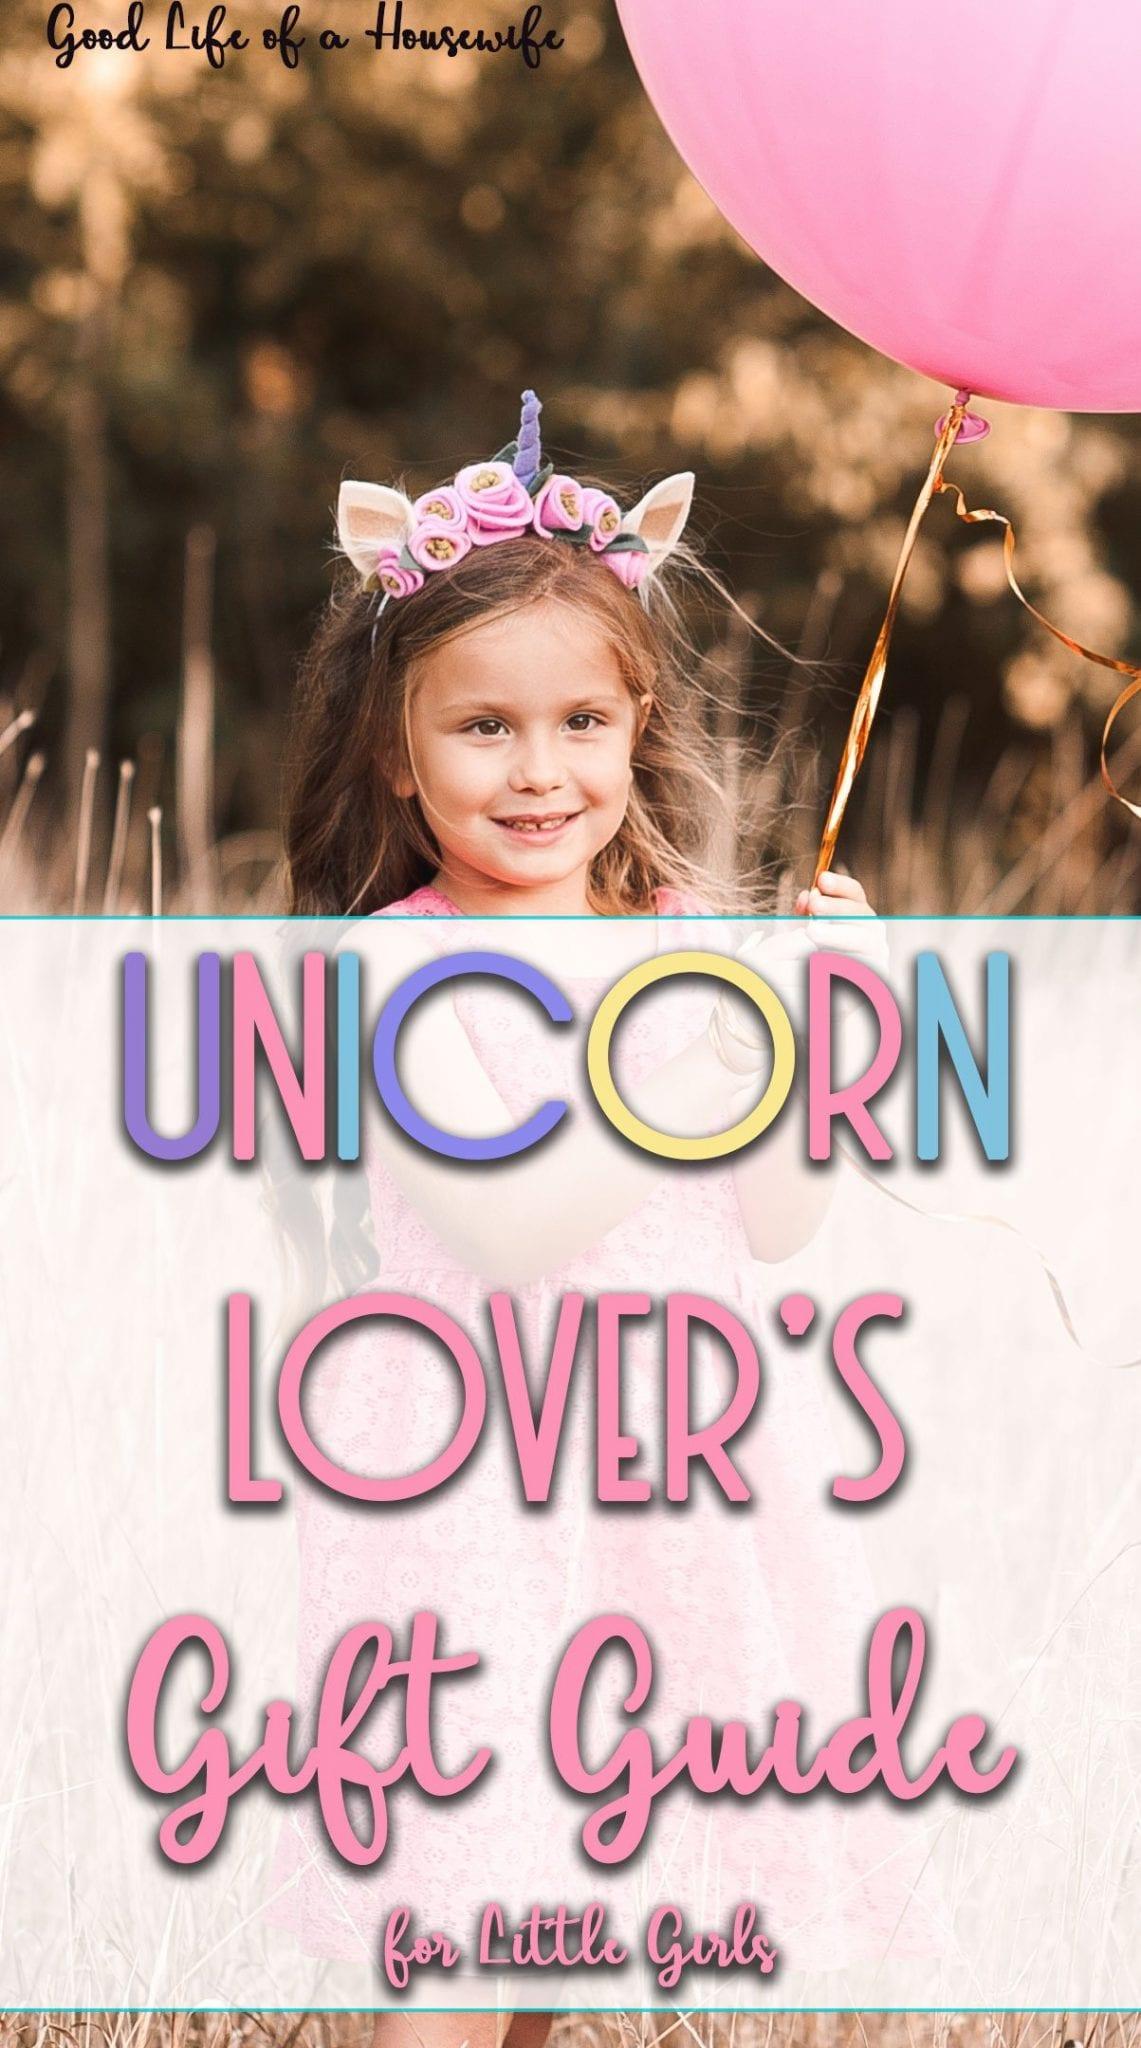 Unicorn Lover's Gift Guide for Little Girls